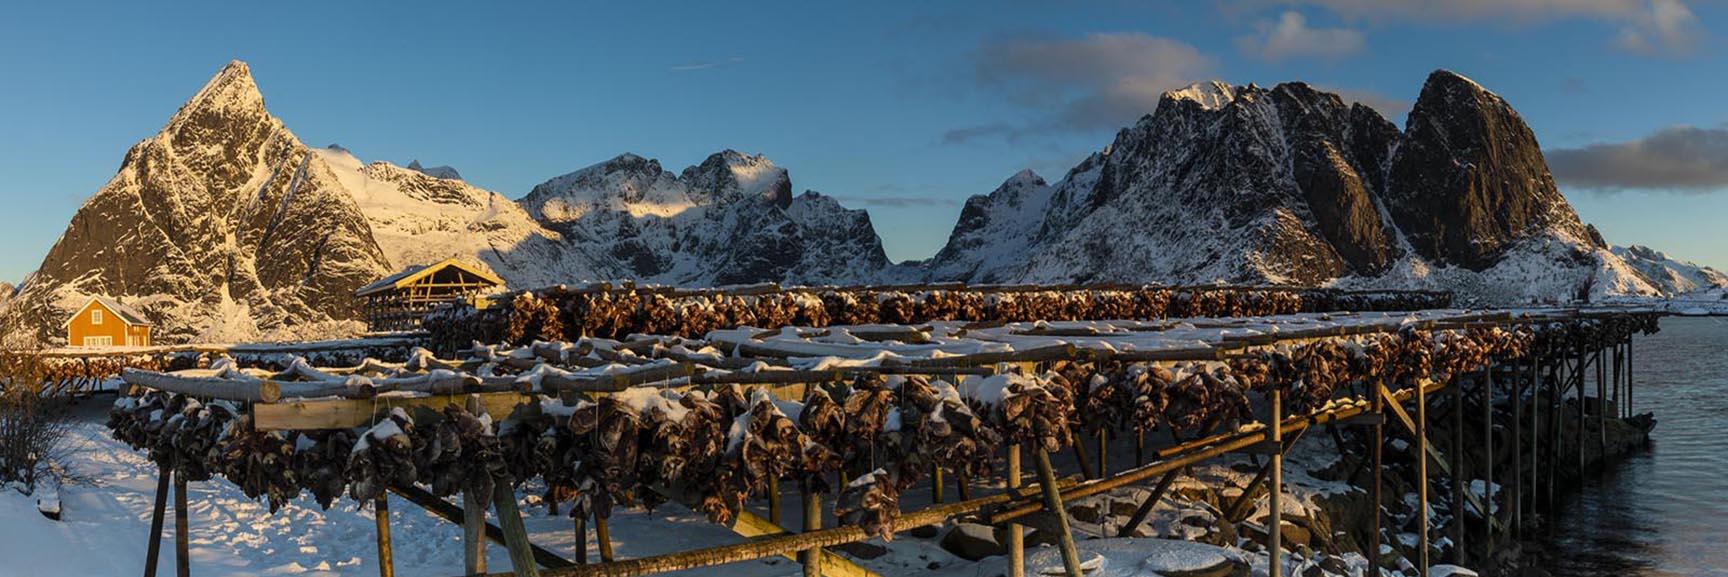 Norway, winter, photo